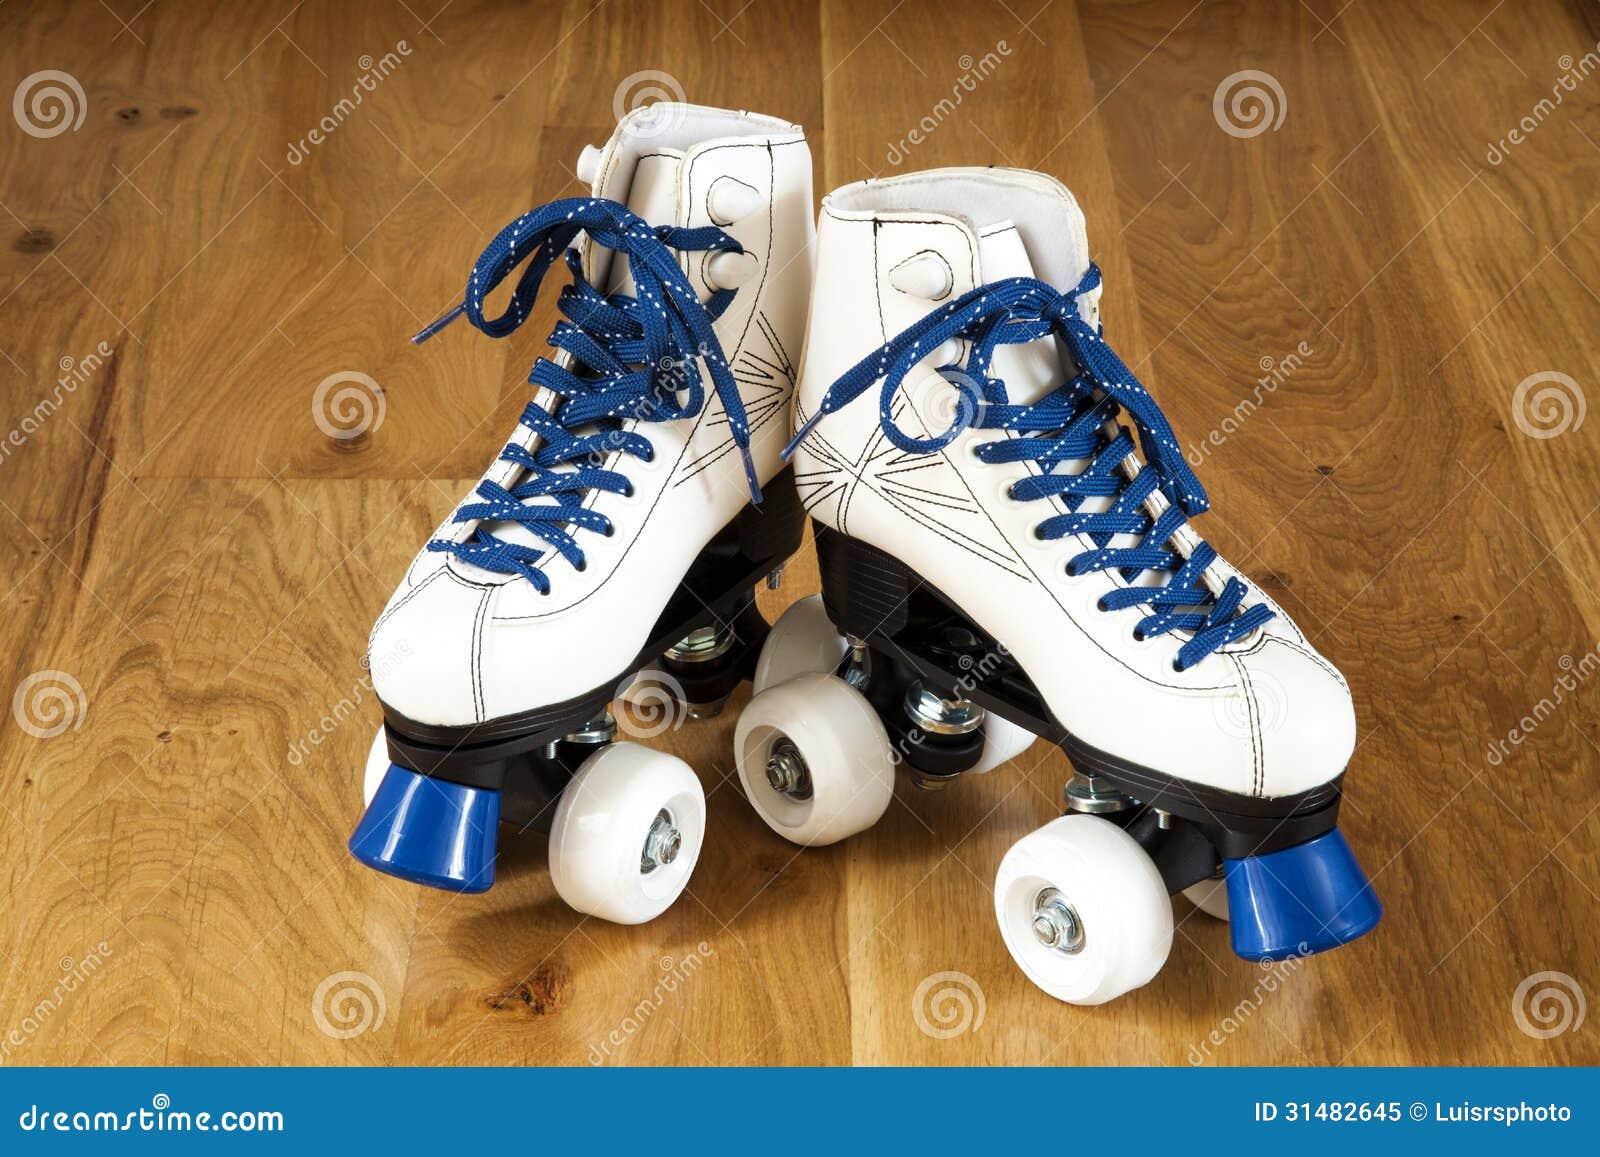 Roller skates for free - Two White Roller Skates